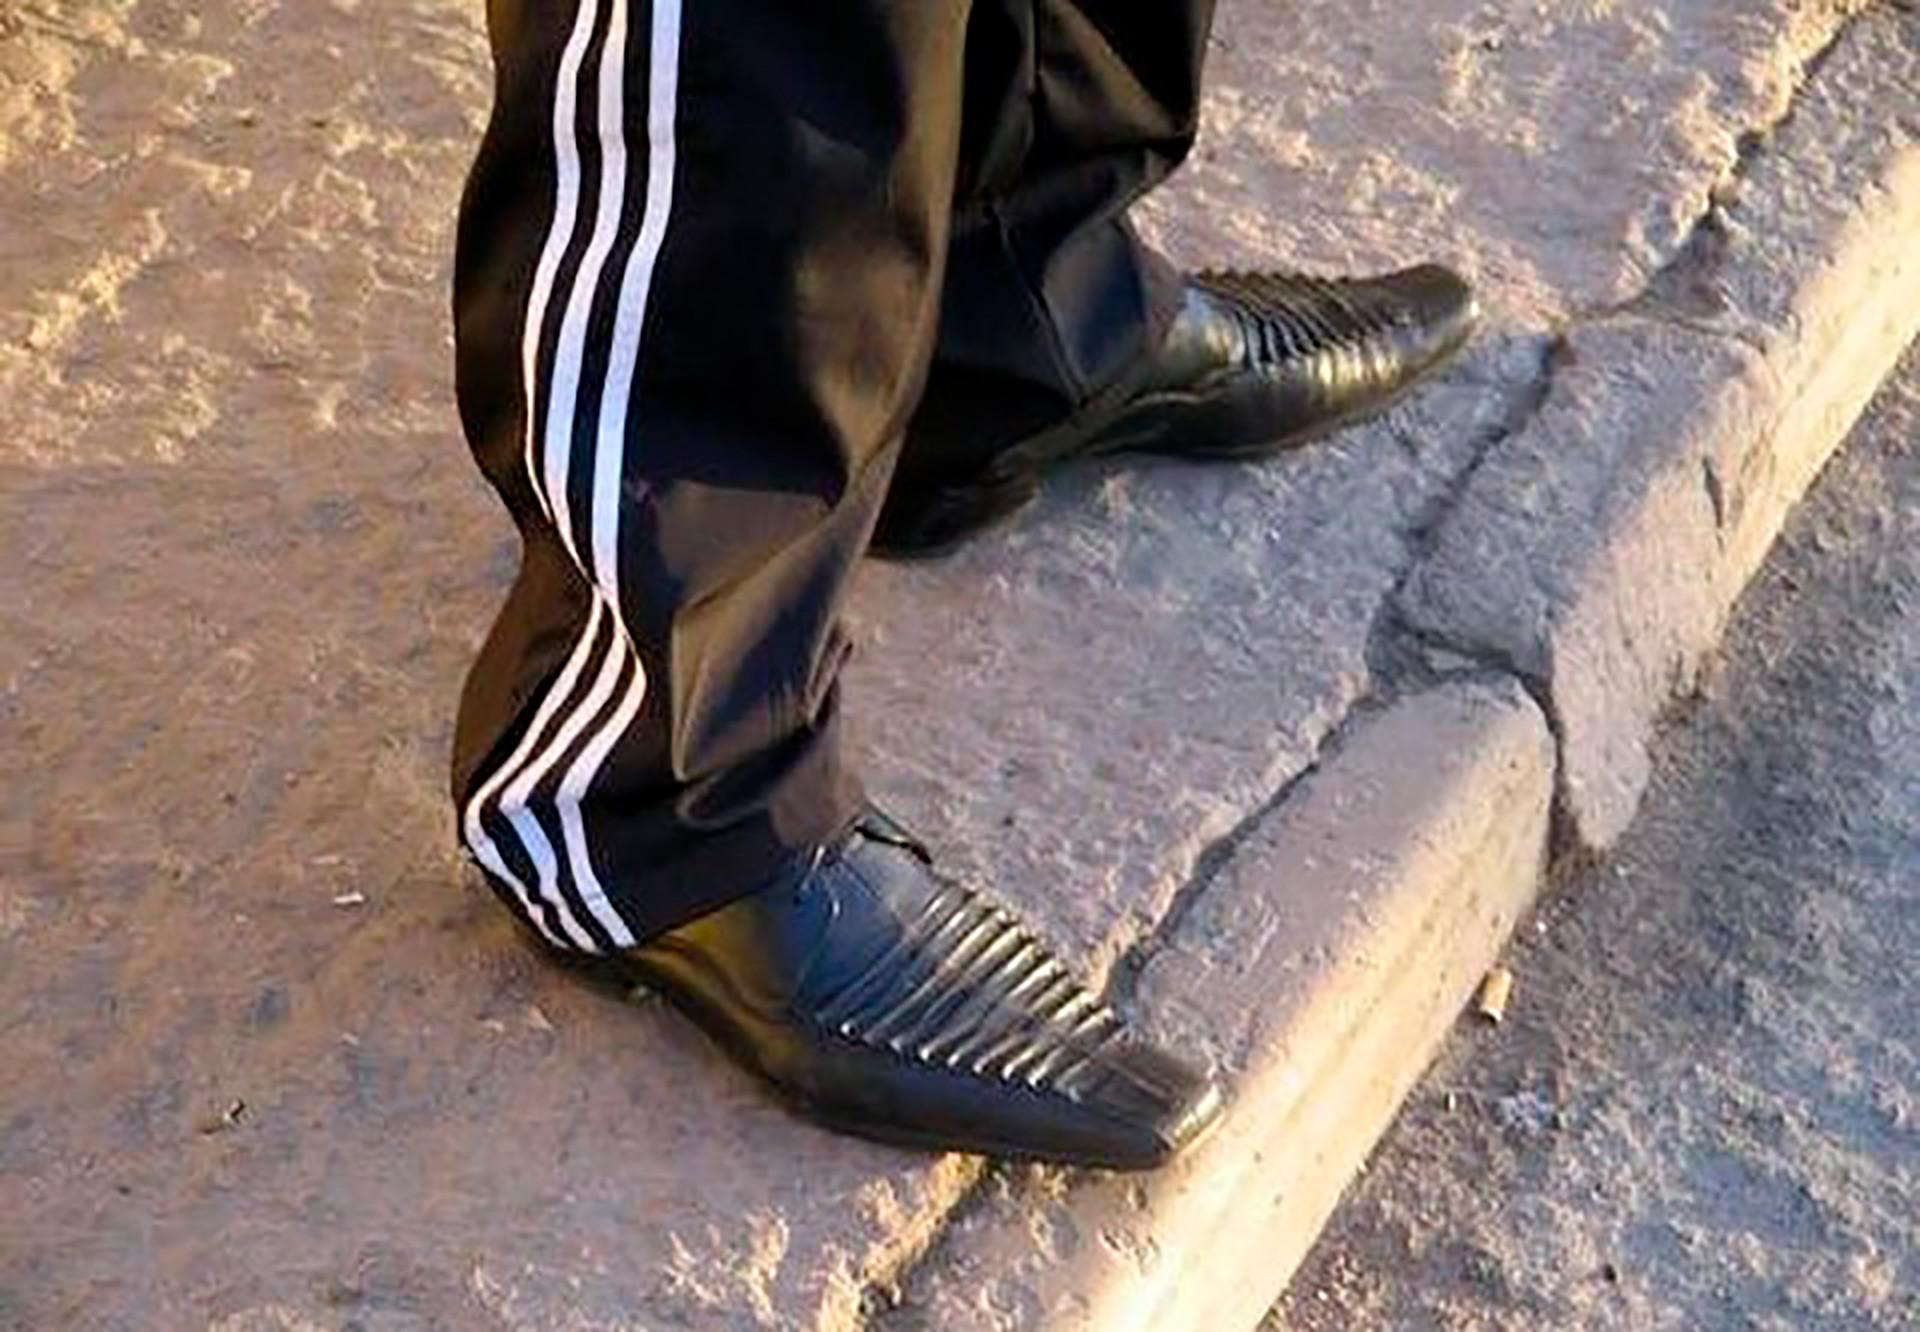 Kombinasi celana joging Adidas dan sepatu kulit dianggap sangat berkelas (terutama jika Anda seorang gopnik dan sama sekali tak memiliki selera).